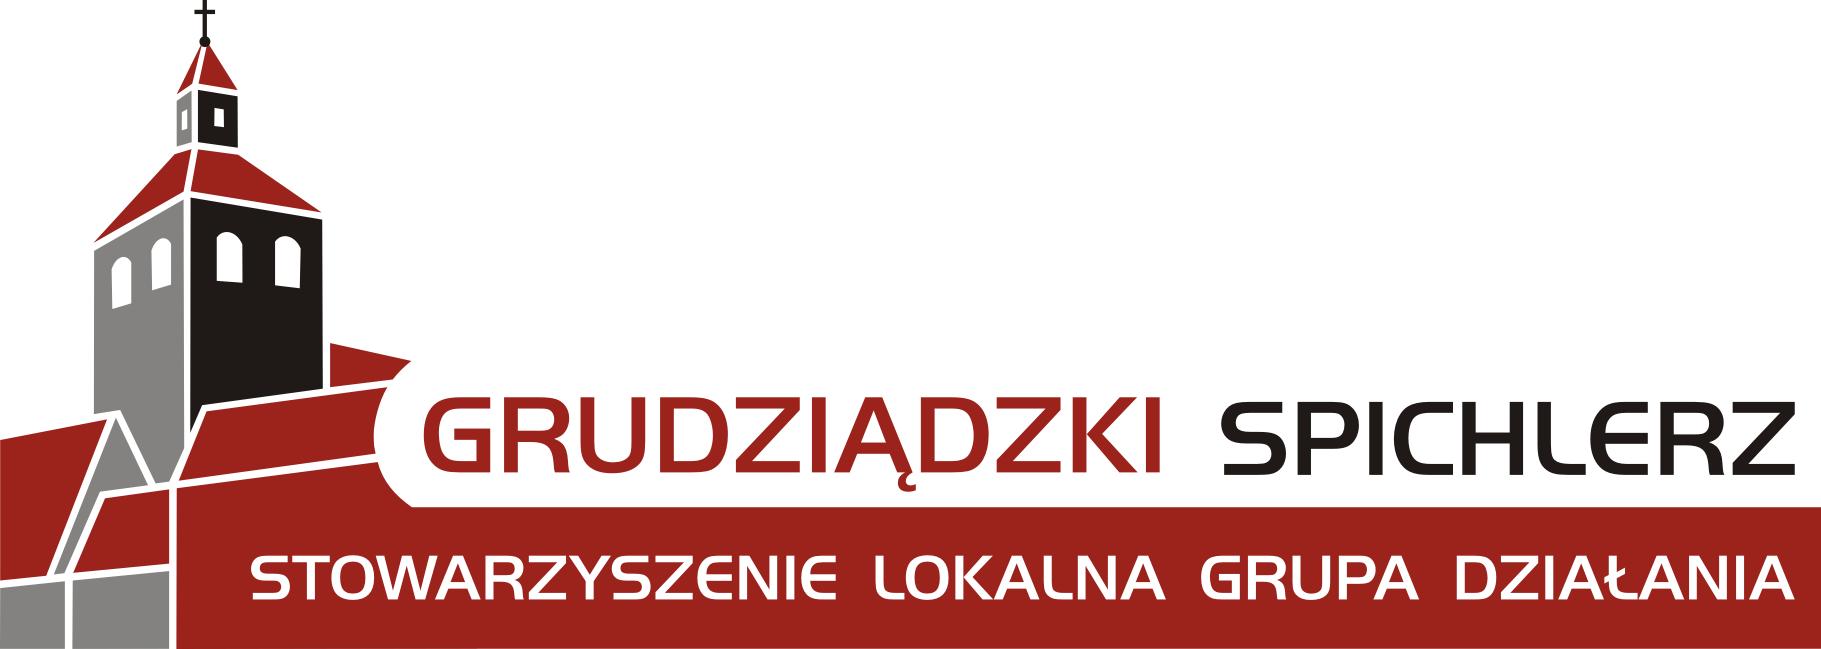 Grudziądzki Spichlerz - logo kolor